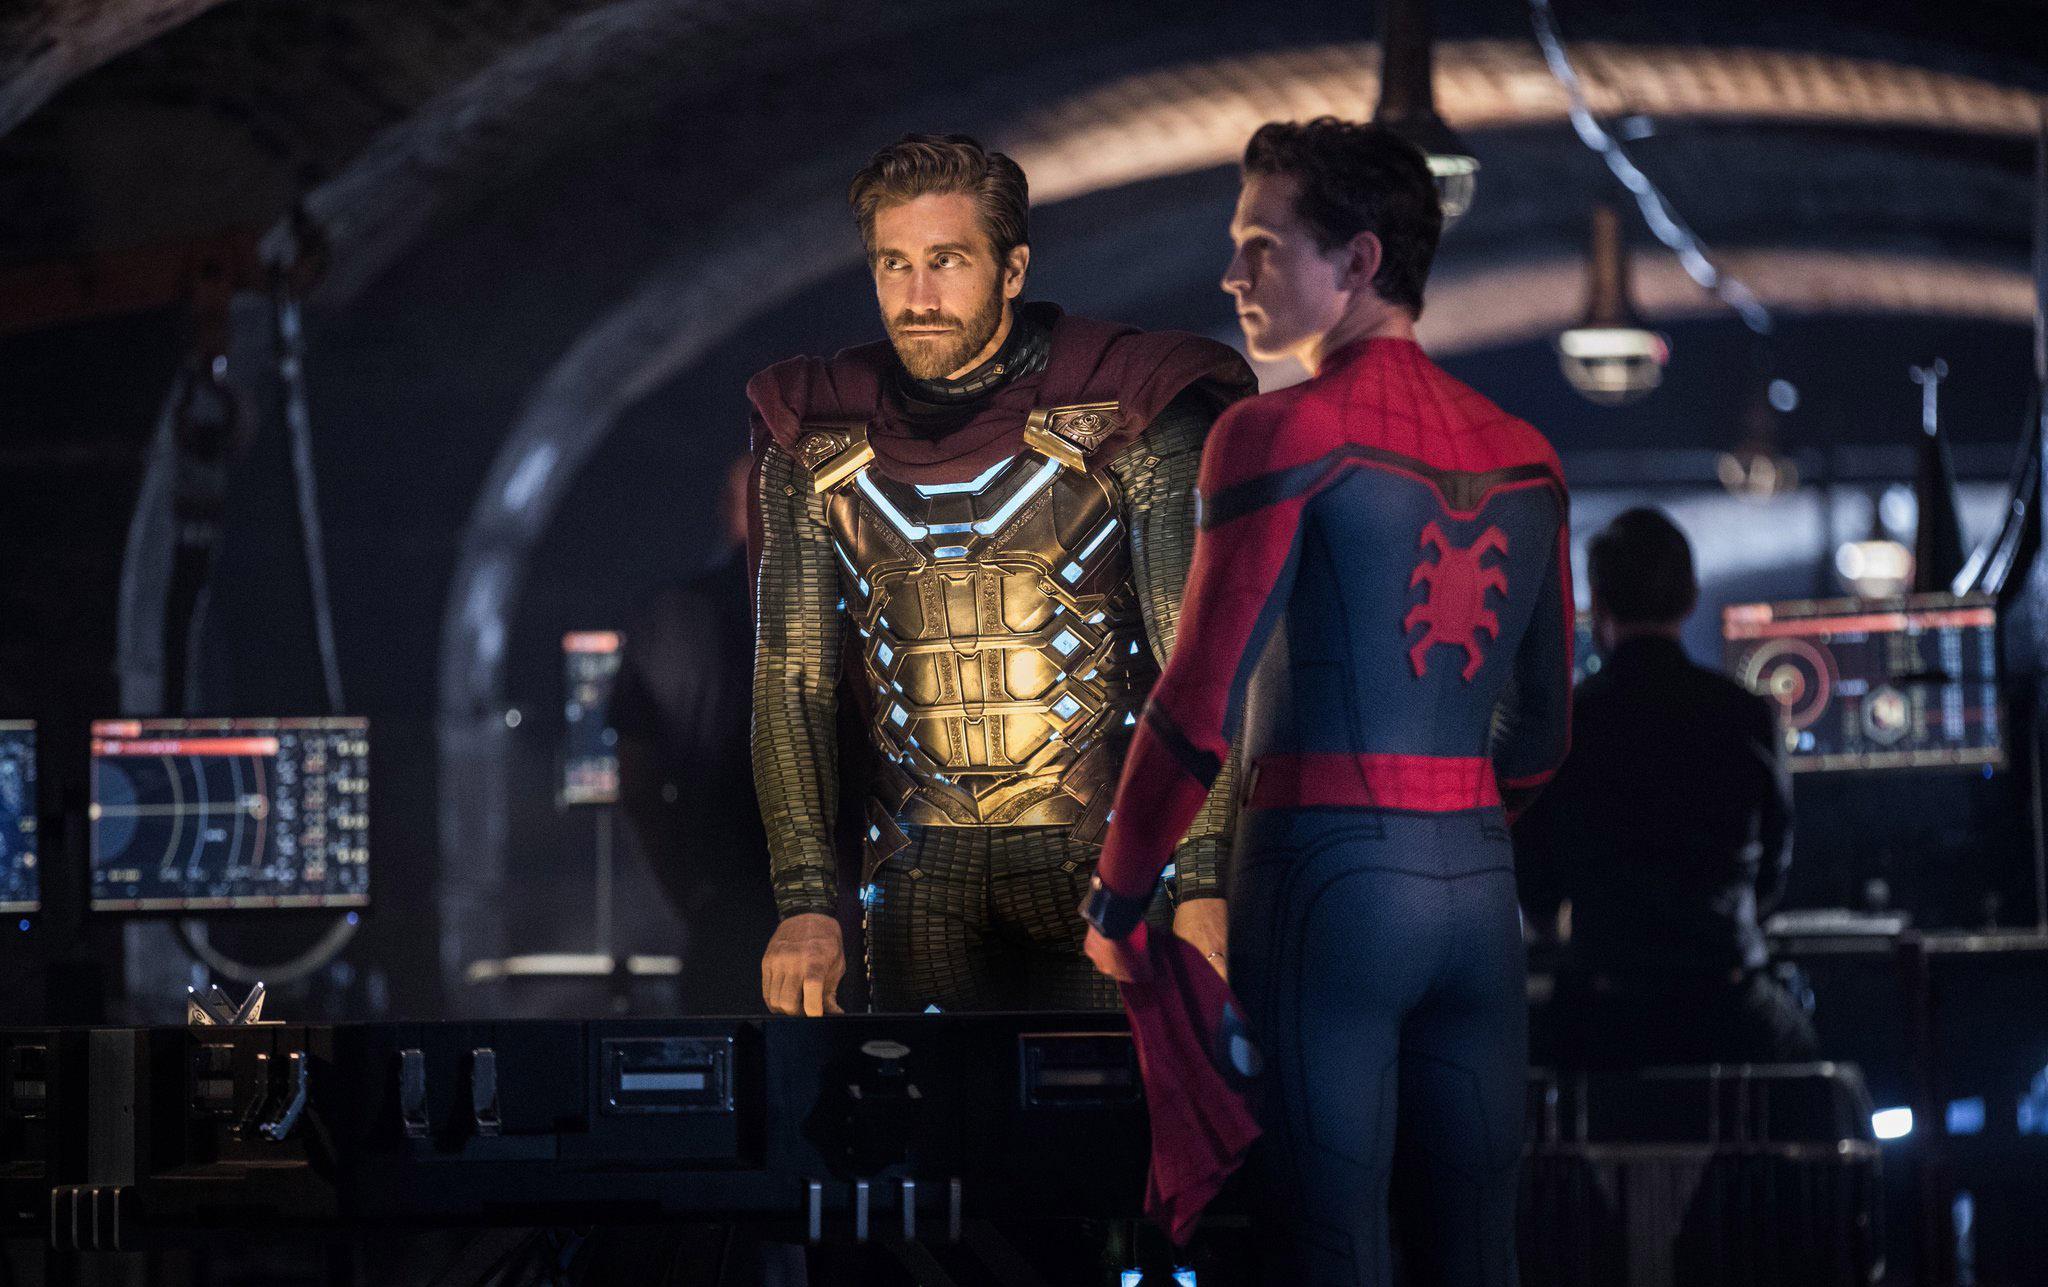 """La cinta del """"Trepamuros"""" llegará a las salas de cine el próximo 2 de julio y cerrará la Fase 3 del Universo Cinematográfico Marvel"""